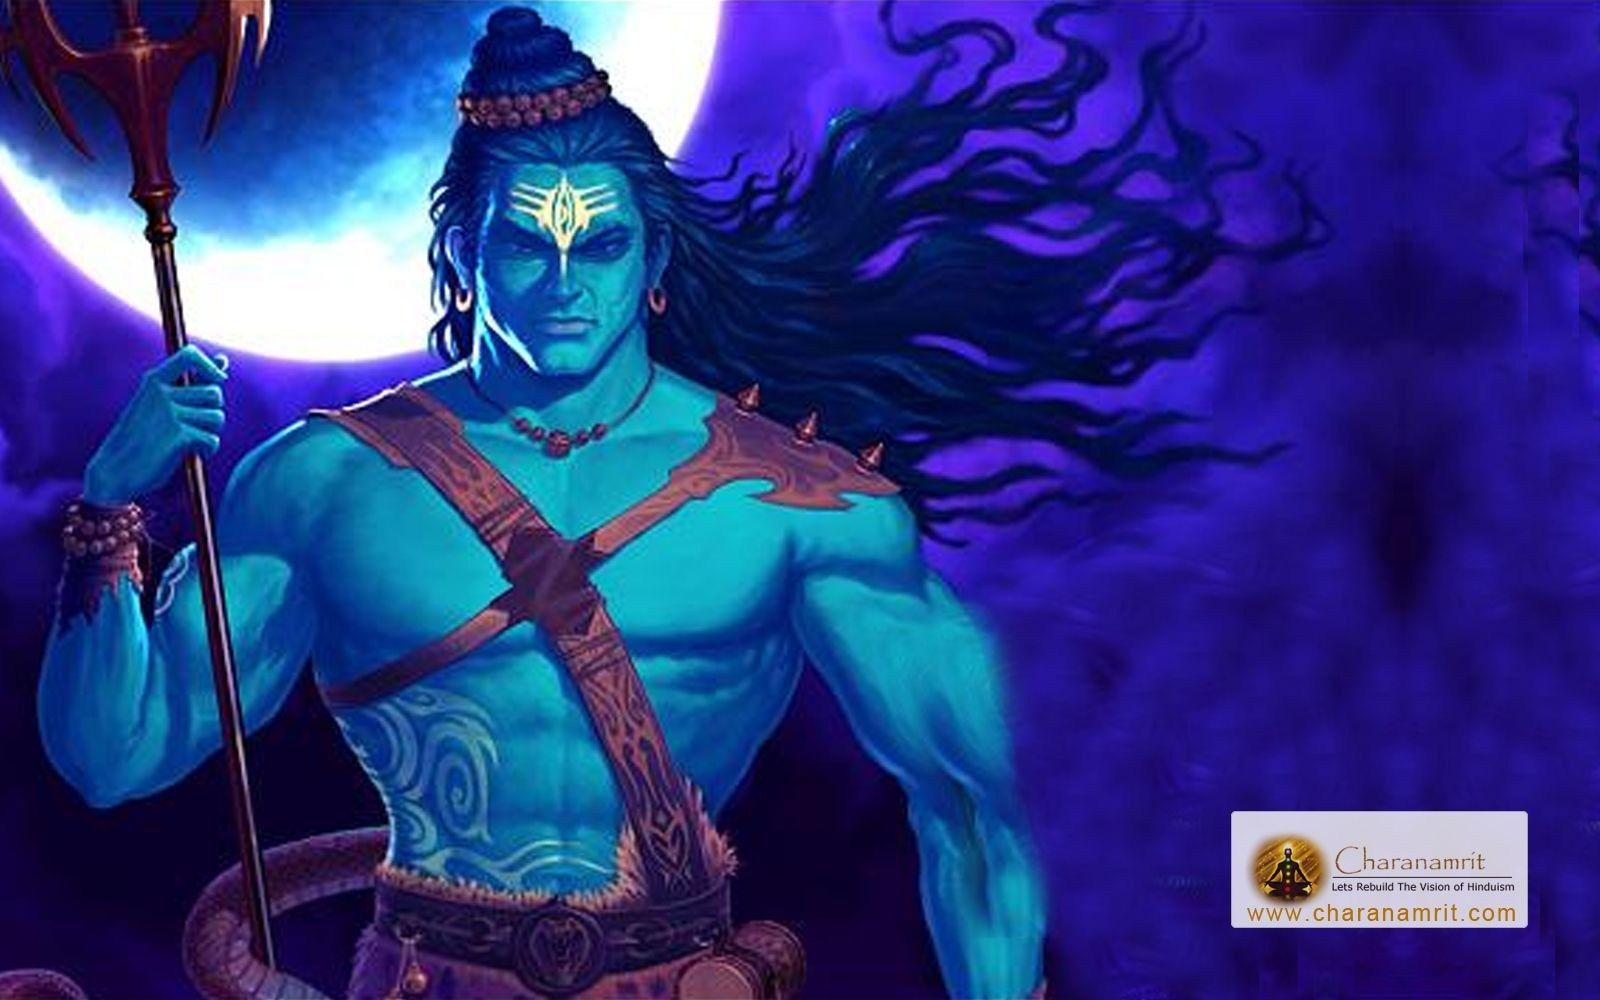 Tải xuống ứng dụng hình nền Shiva miễn phí 1600x1000 cho Android - Angry